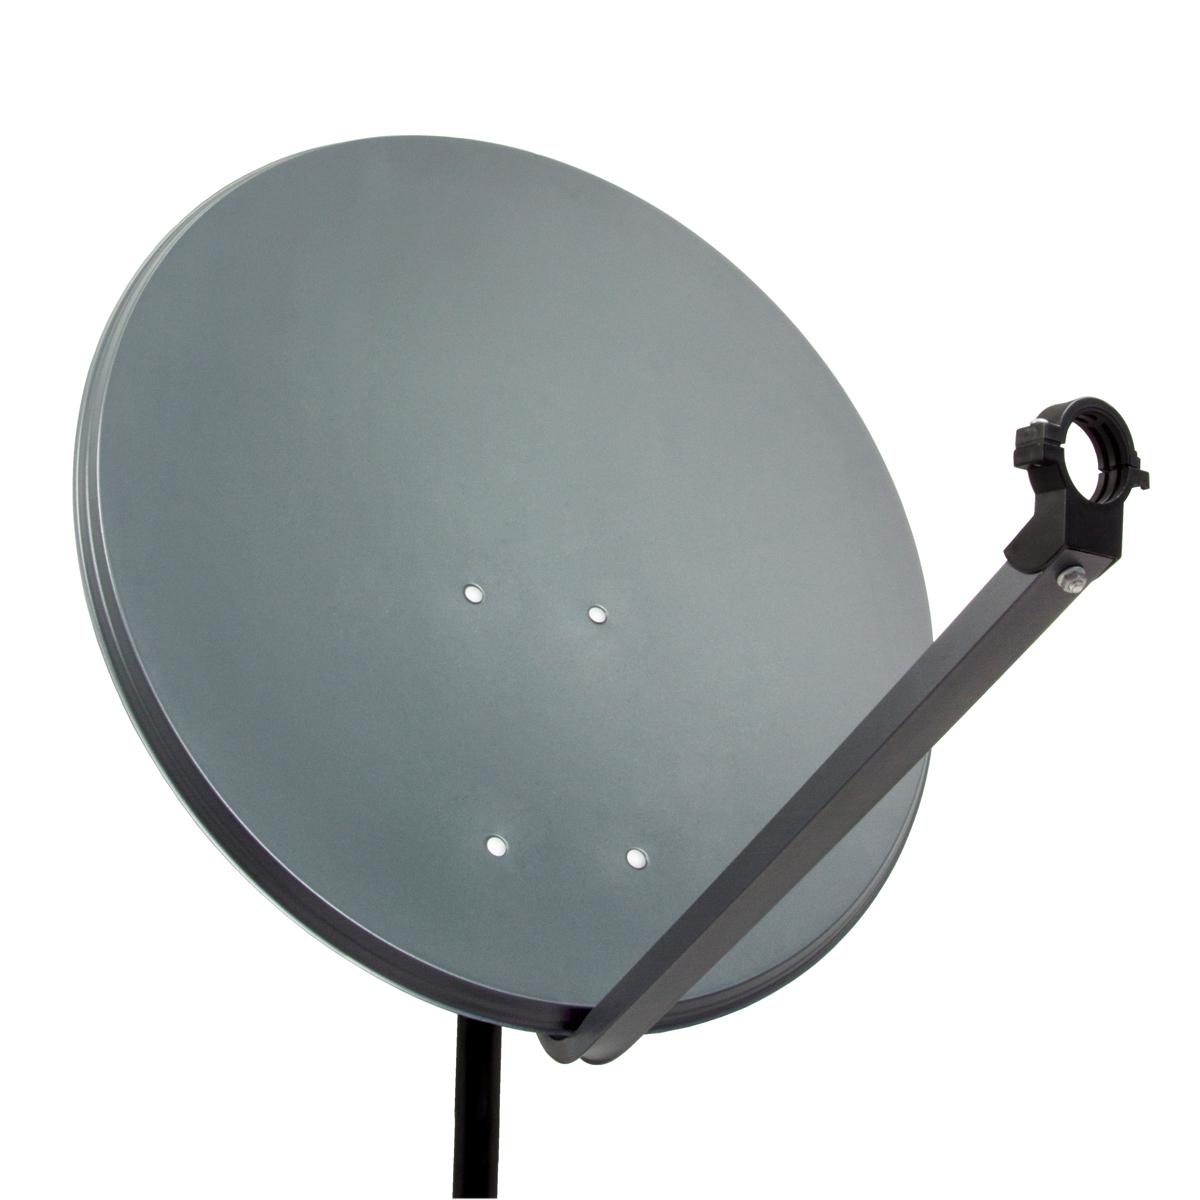 PremiumX PXS60 Satellitenschüssel 60cm Stahl Anthrazit Satellitenantenne SAT Spiegel